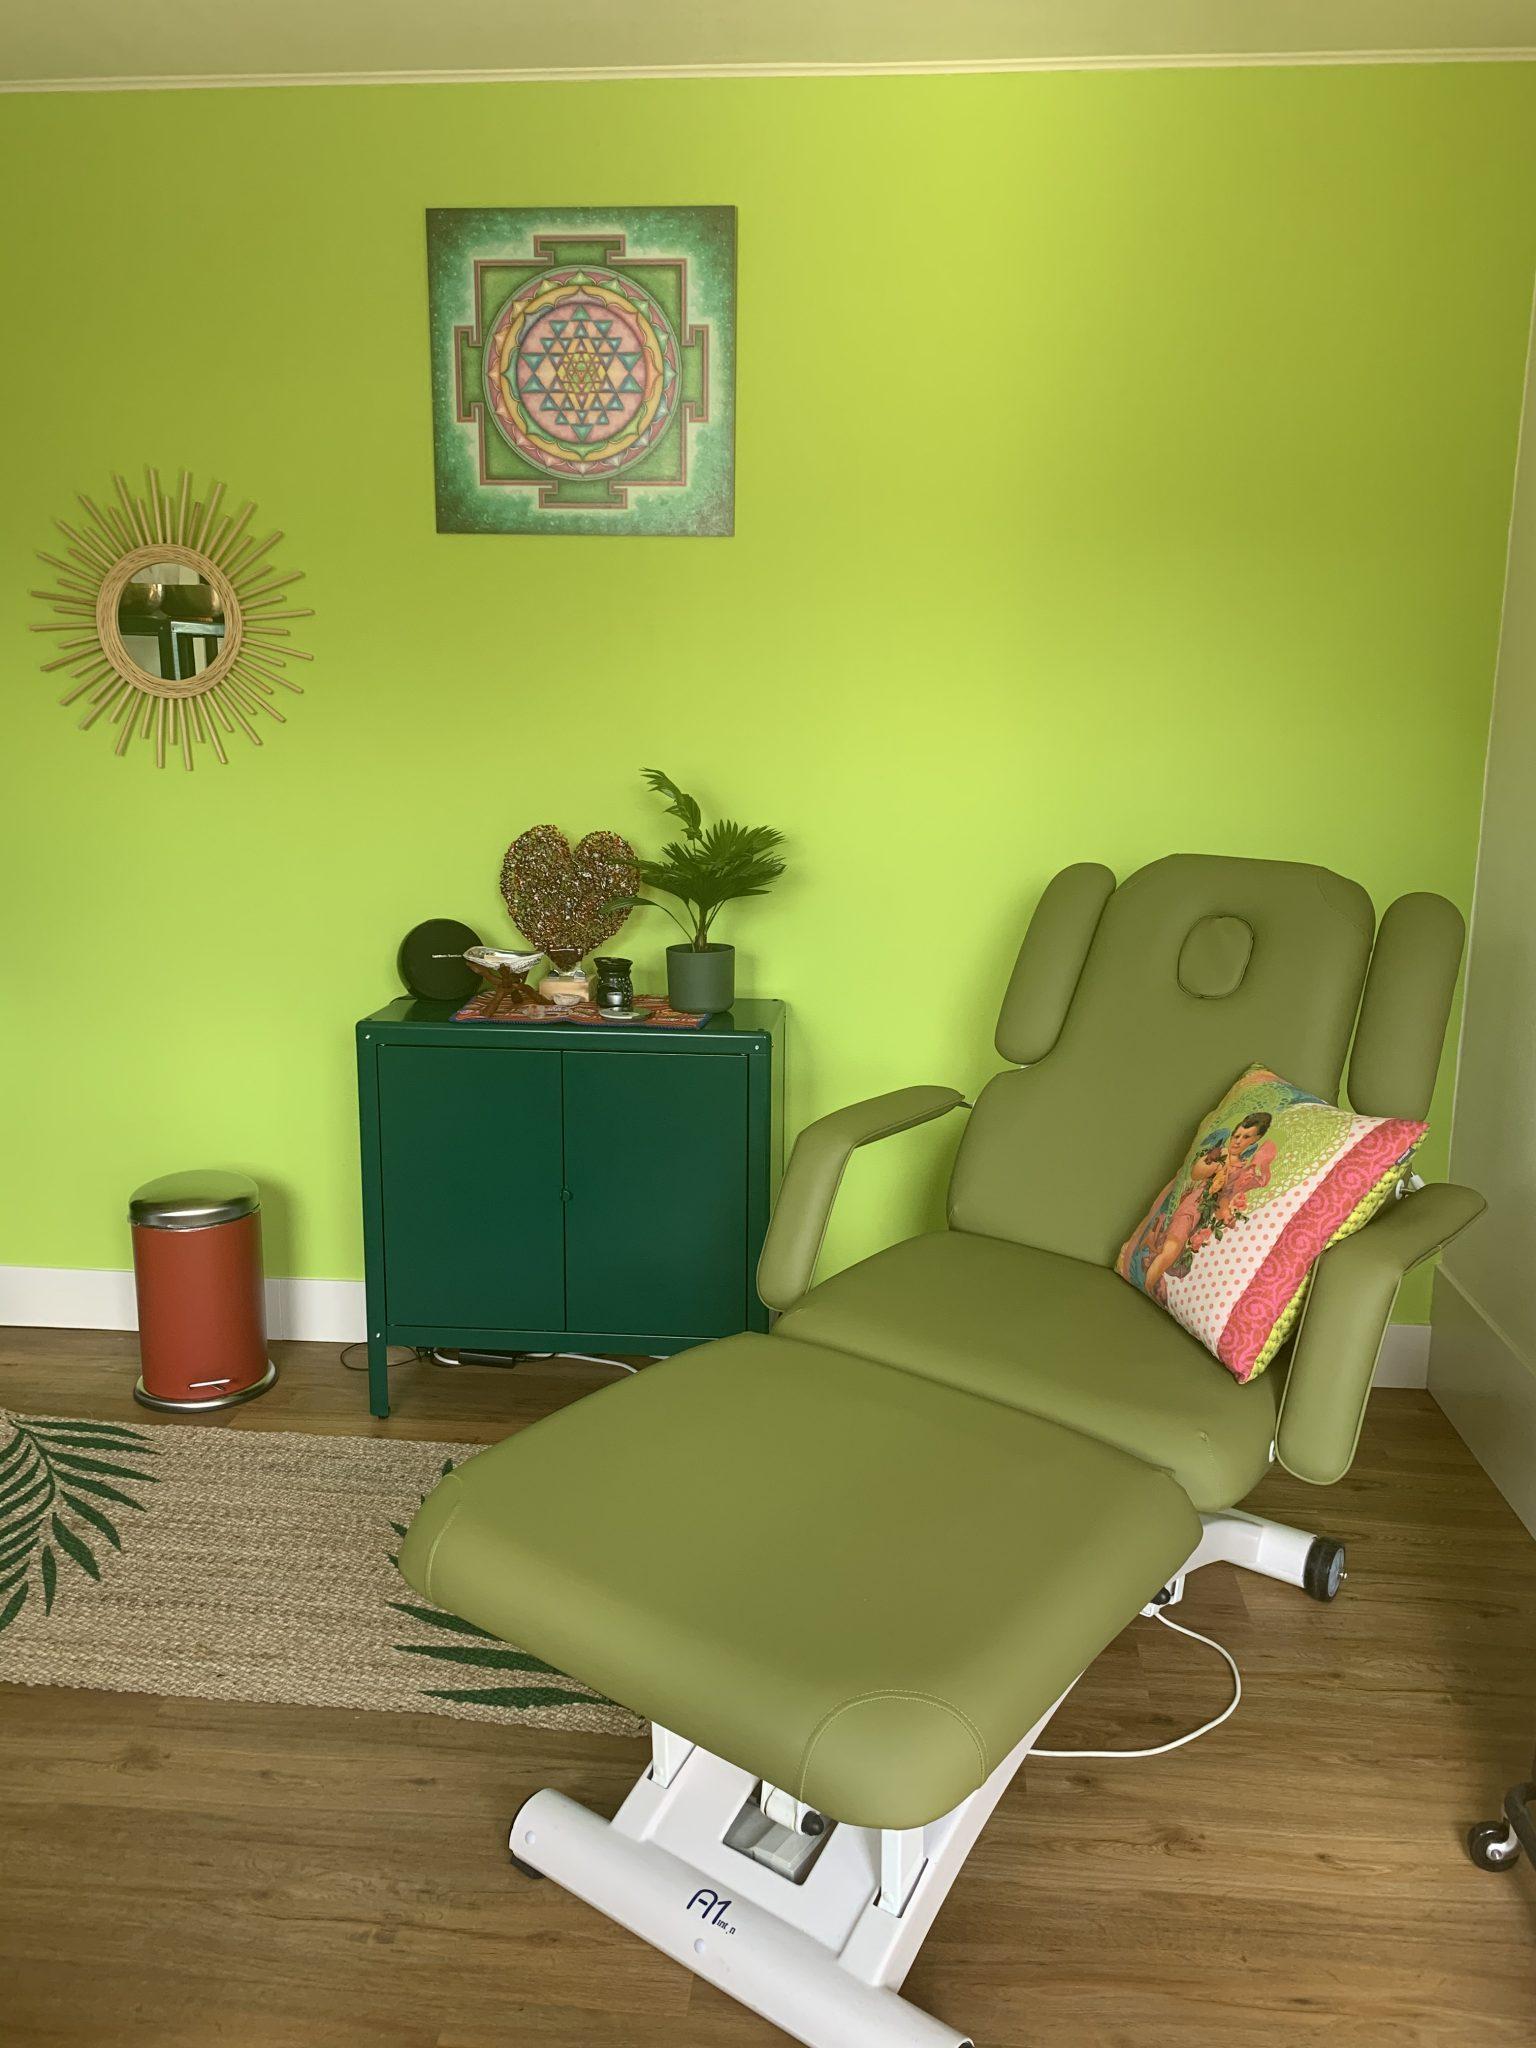 SoMind SoBody - Praktijk voor Body & Mind - Almere - Coaching & Healing - Reiki - Spring Forest Qigong - Voetreflexologie - Energetische Massage